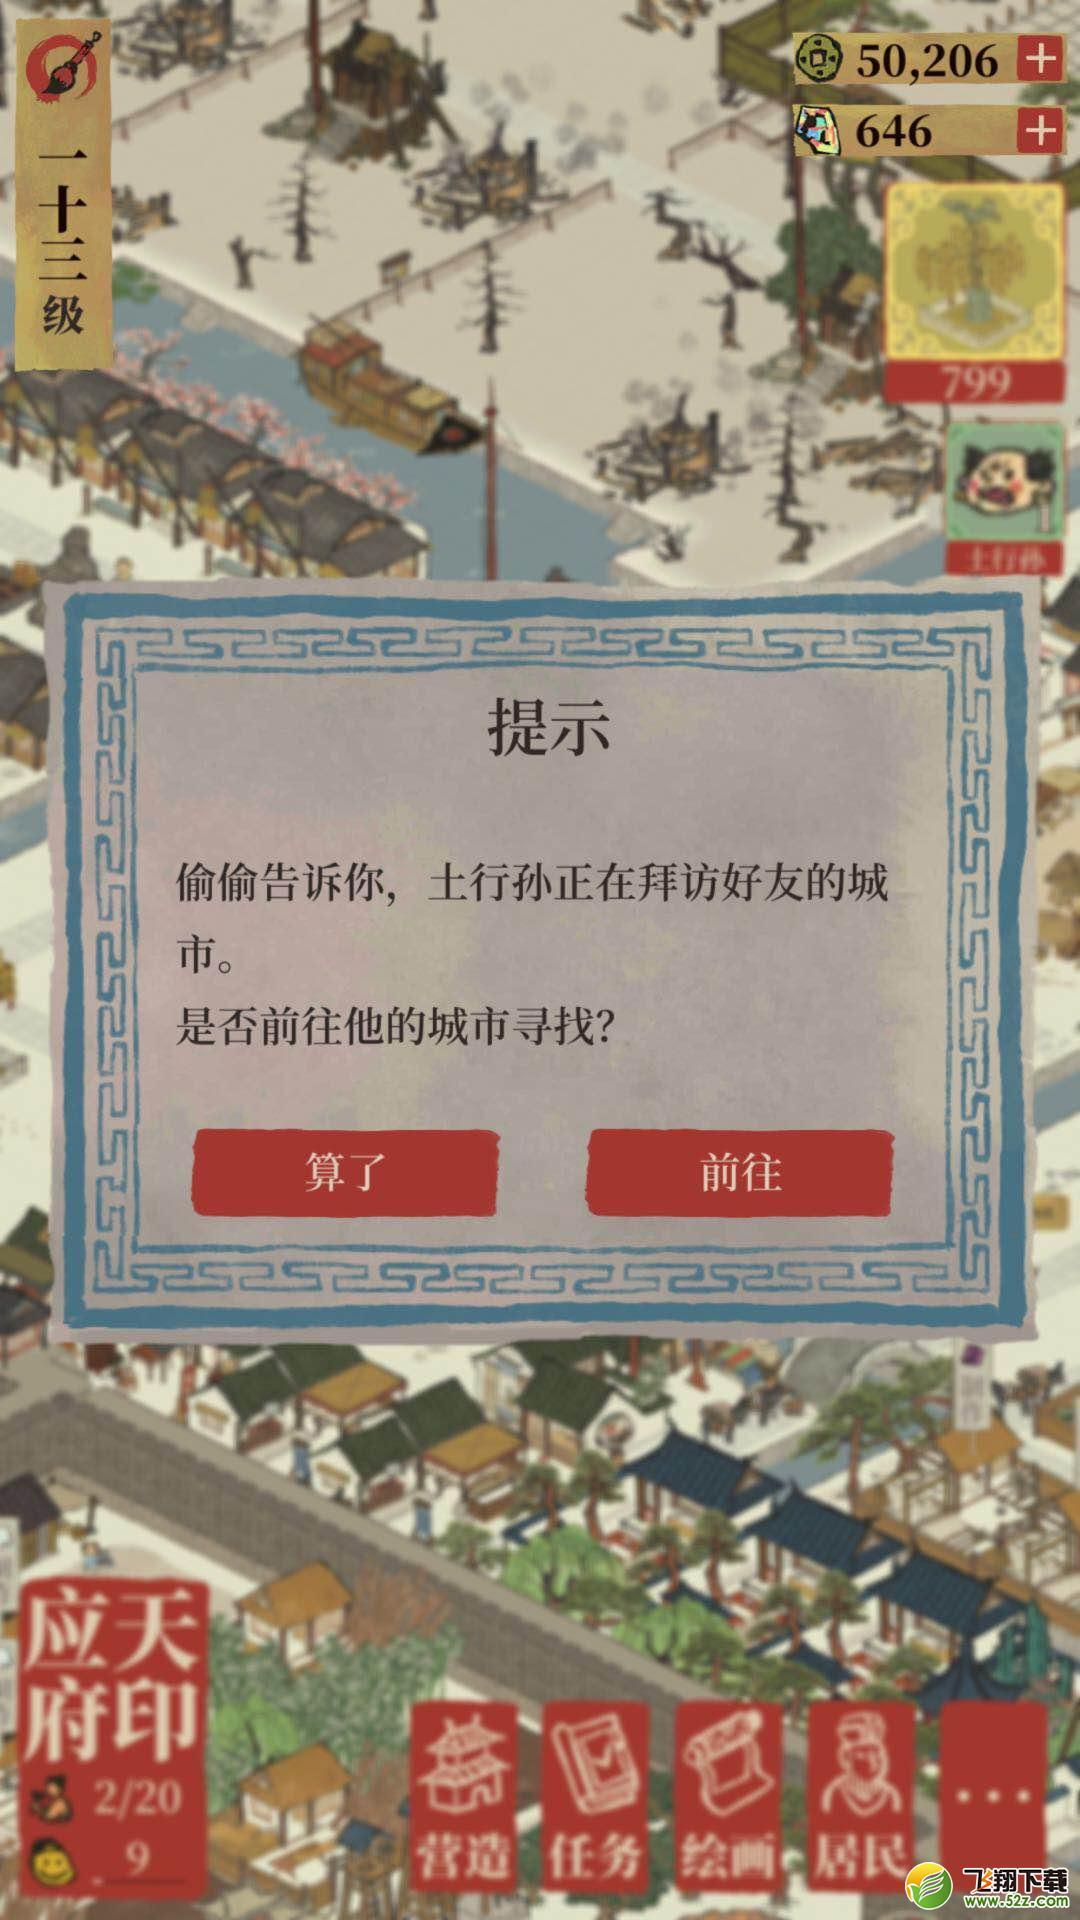 《江南百景图》土行孙刷新时间介绍_52z.com